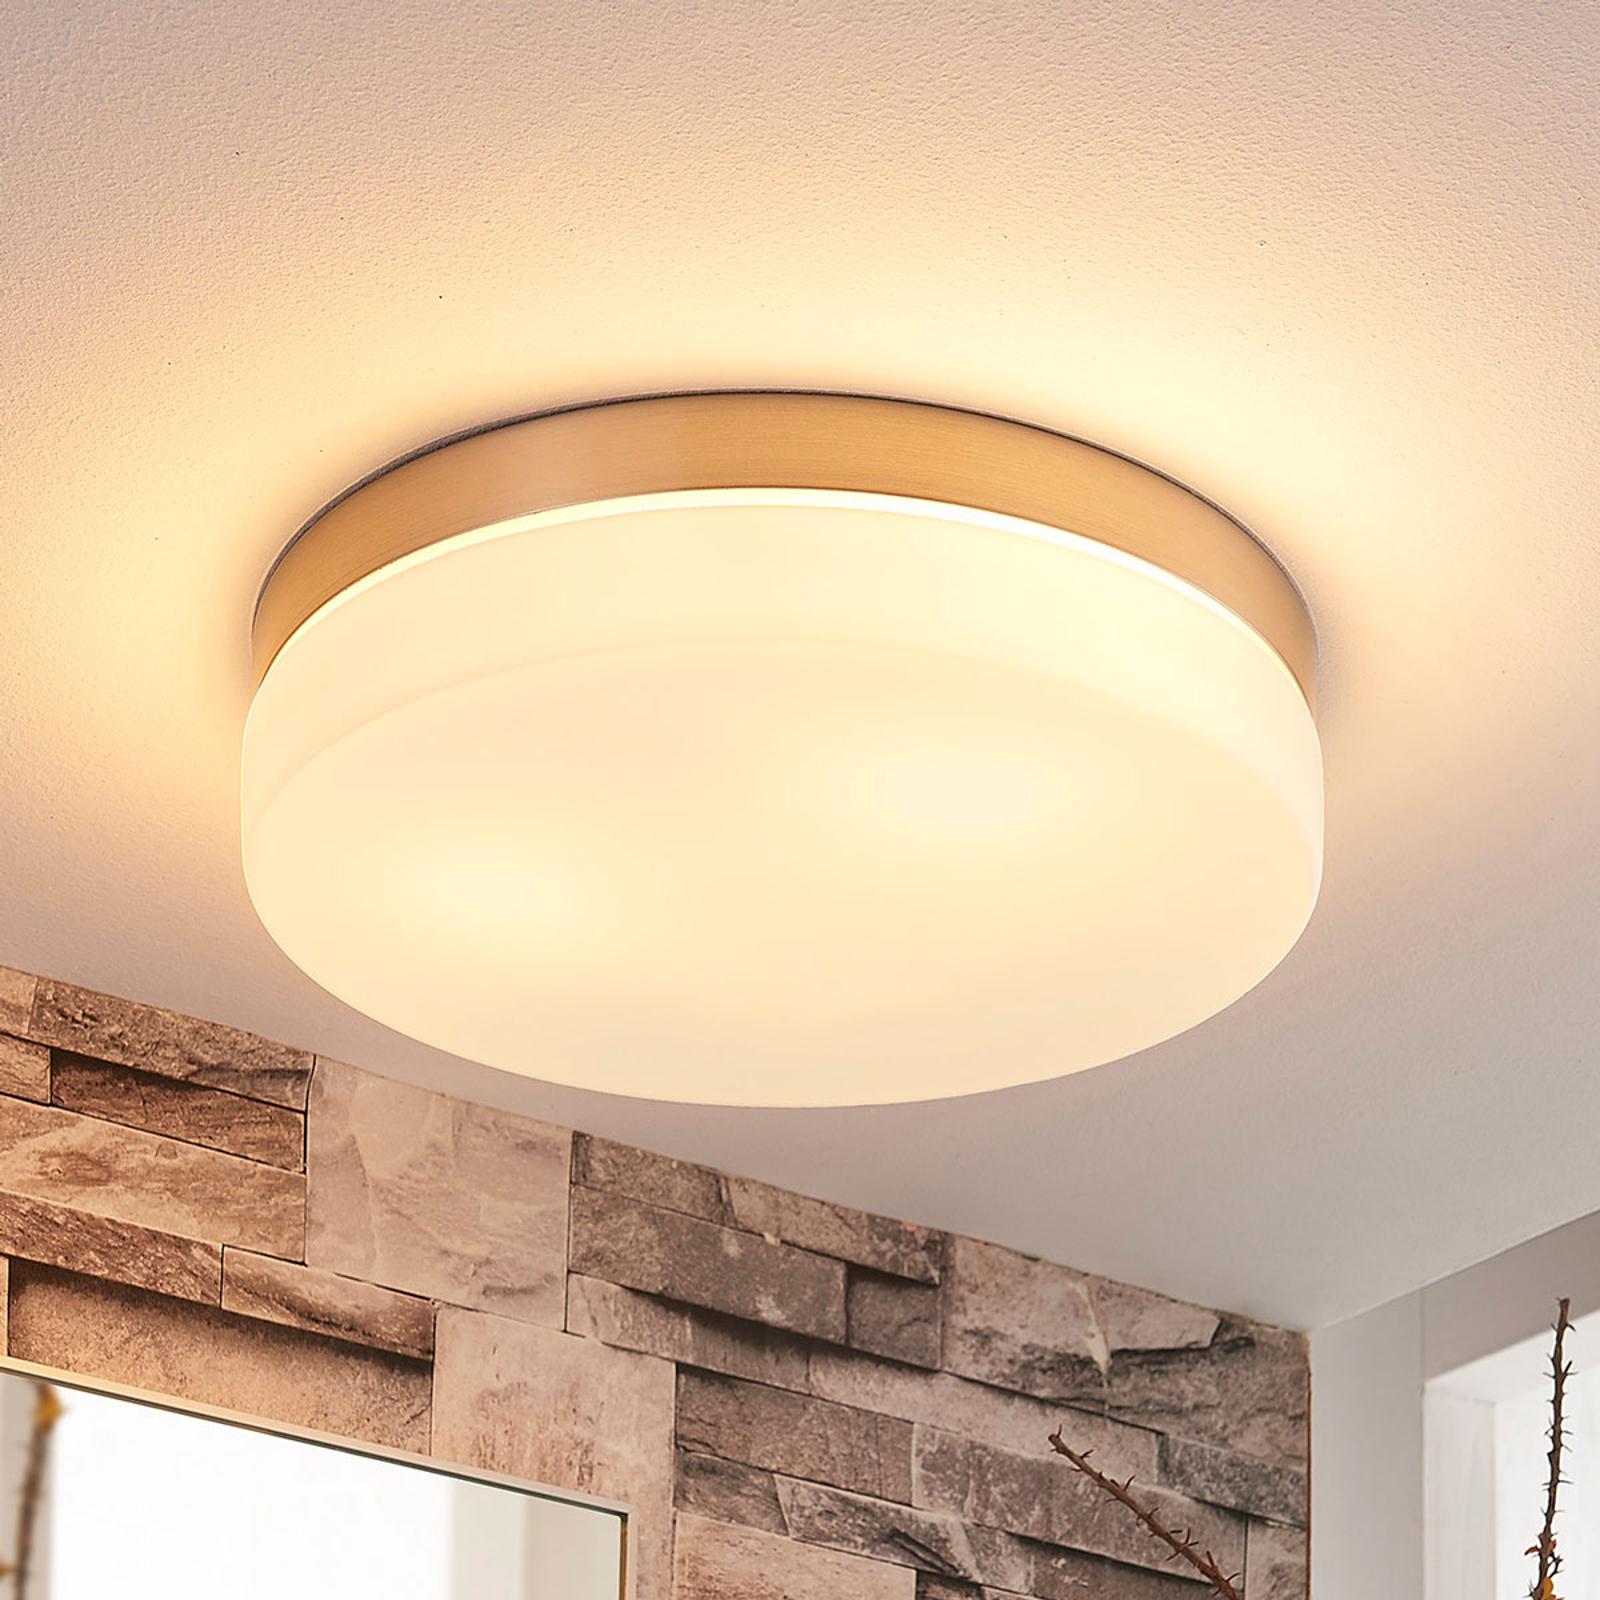 Lampa sufitowa Amilia z niklowaną podstawą, IP44